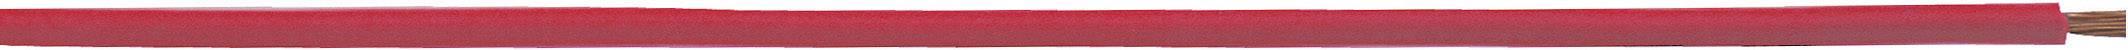 Opletenie / lanko LappKabel 4510001 H05V-K, 1 x 0.50 mm², vonkajší Ø 2.10 mm, 100 m, zelenožltá